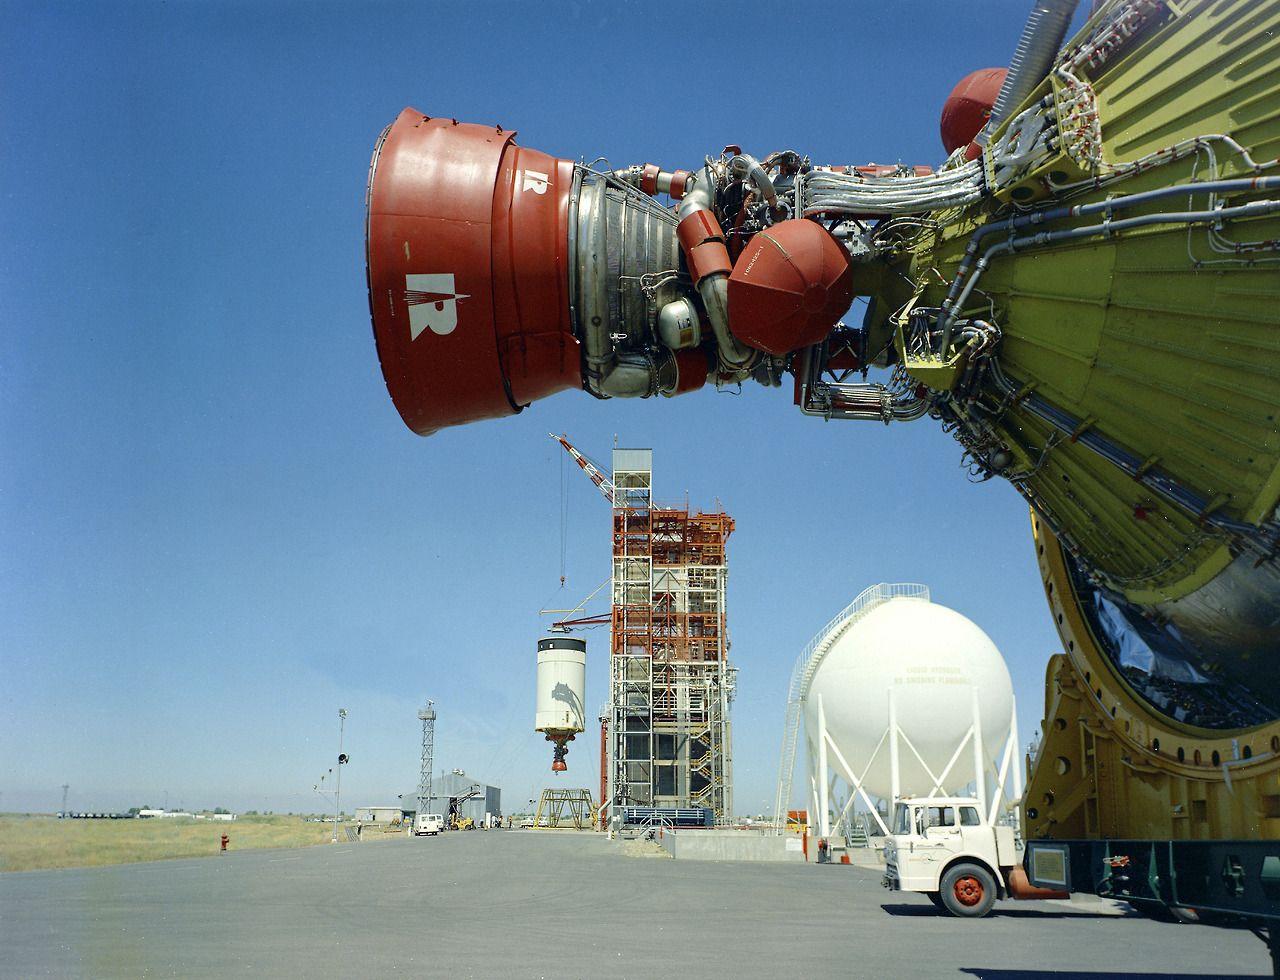 Saturn V third stage rocket